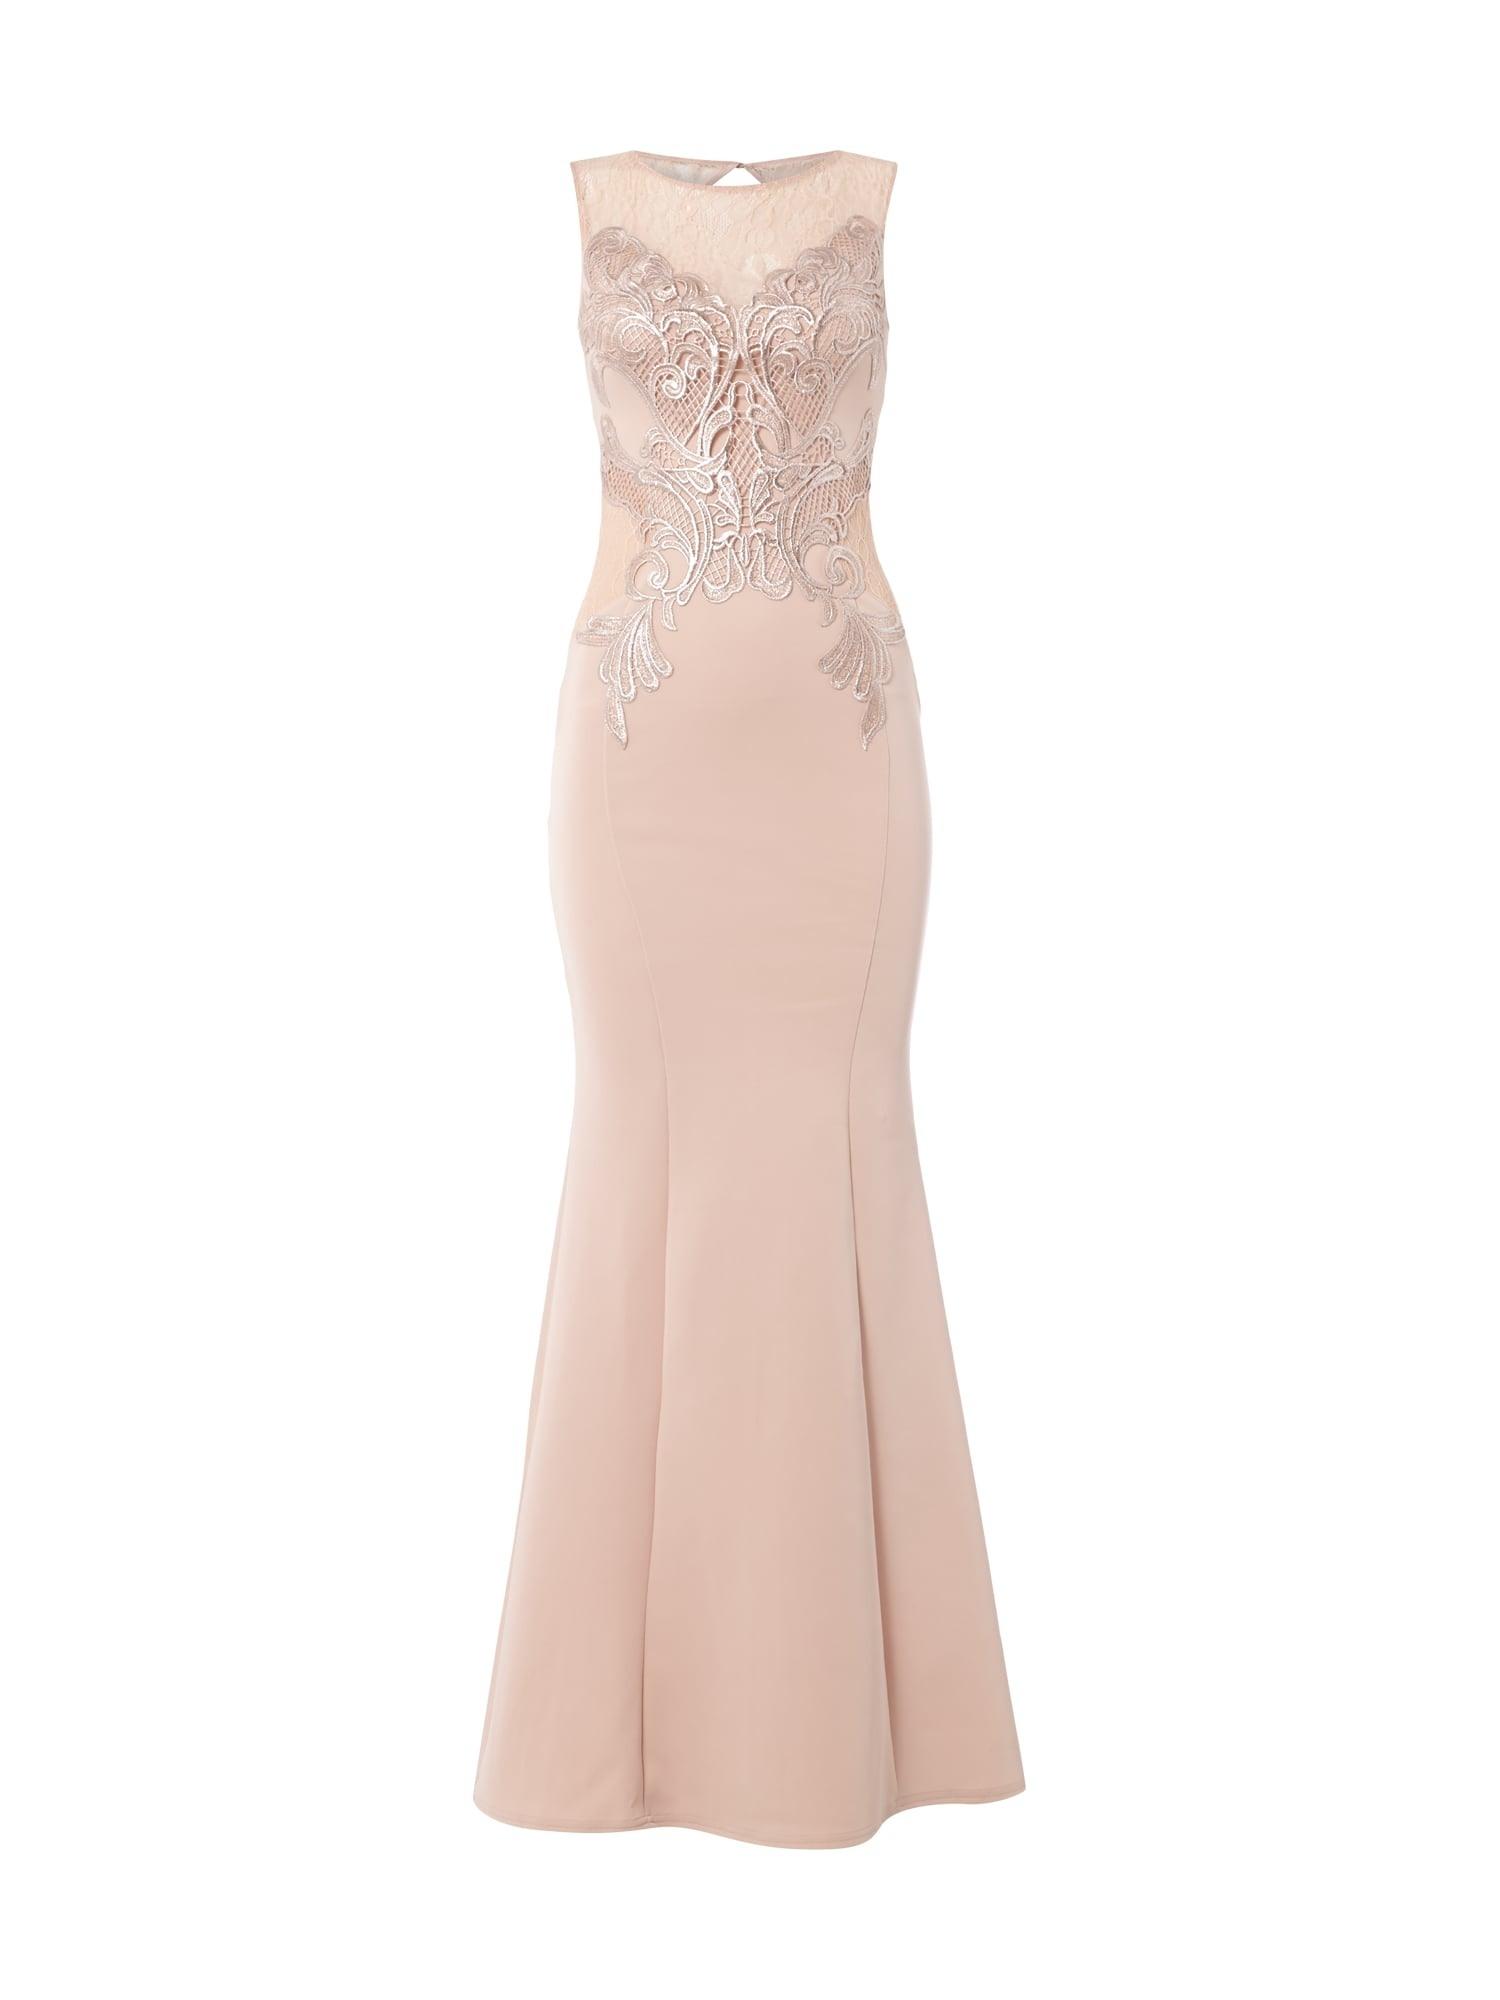 17 Coolste Abendkleid Spitze Galerie13 Einfach Abendkleid Spitze Spezialgebiet